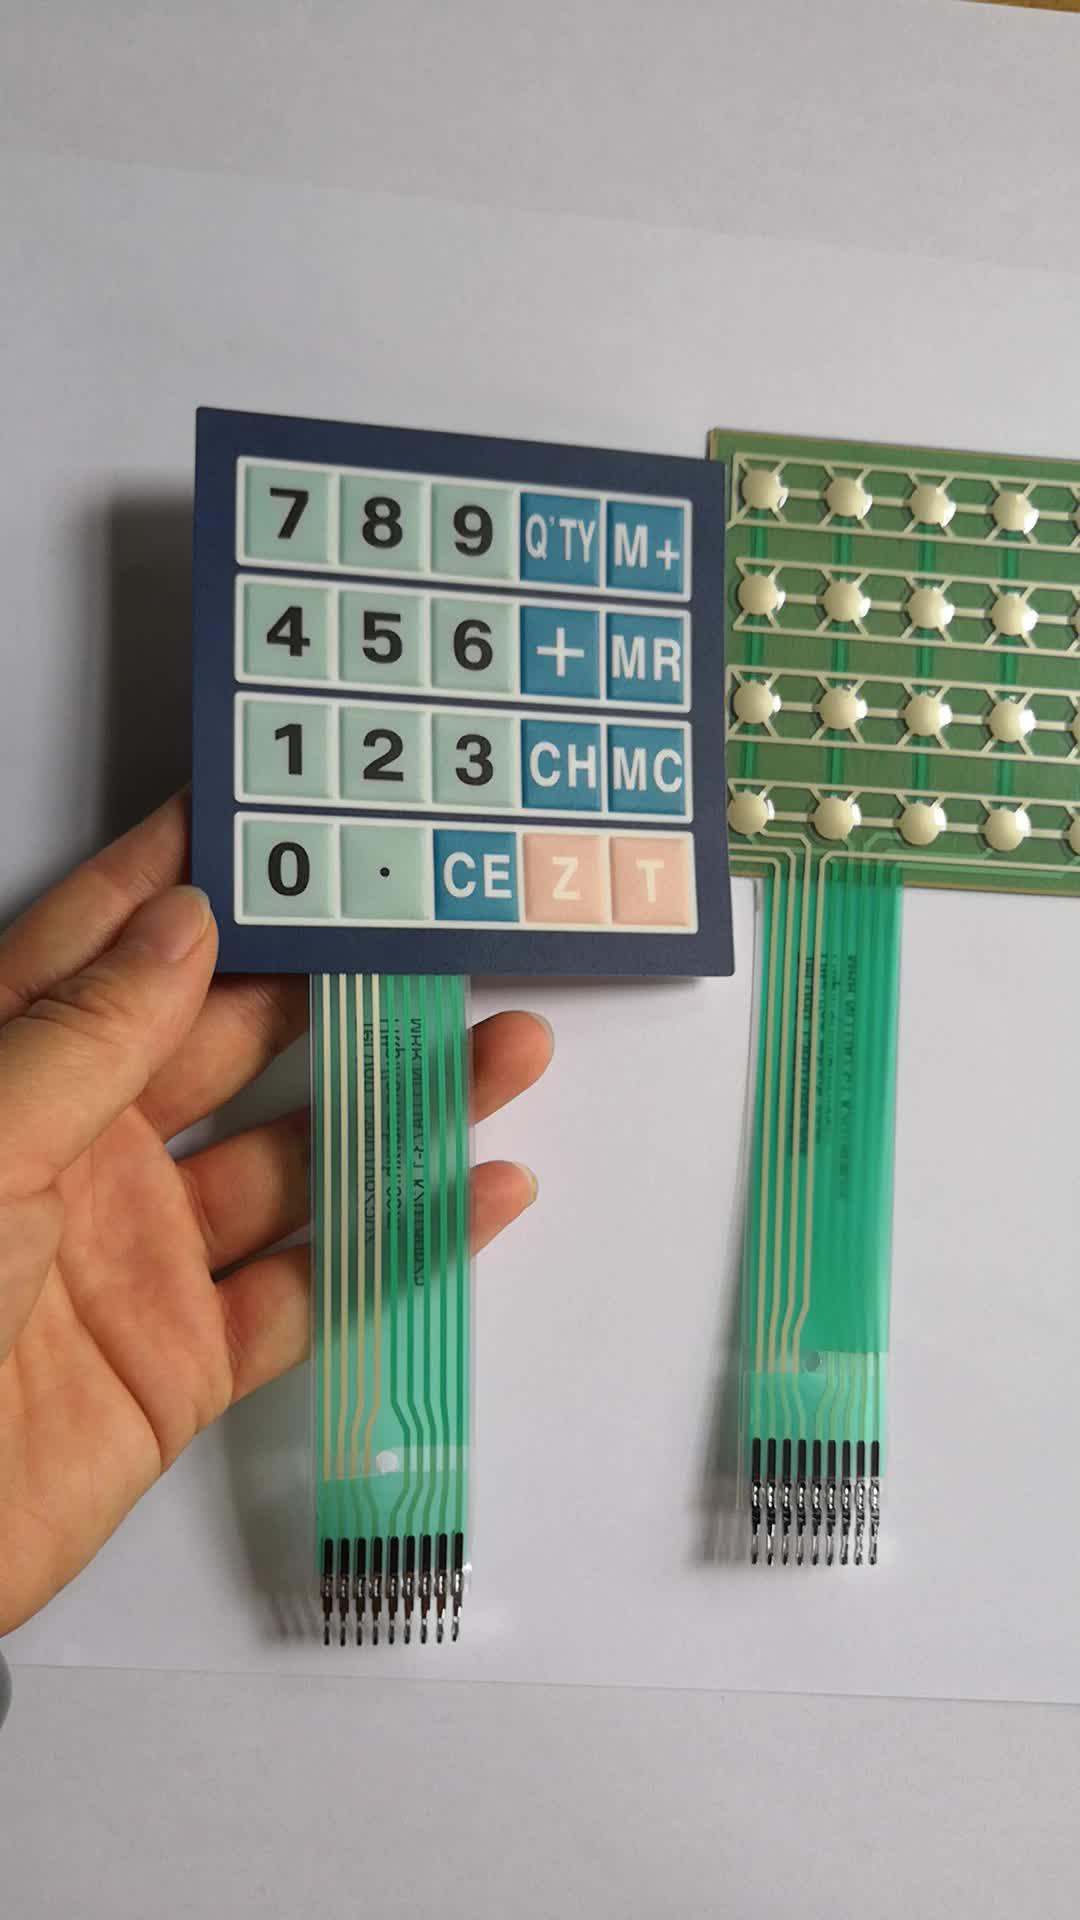 4x5 matrix keyboard 20 keys membrane switch keypad with poly dome